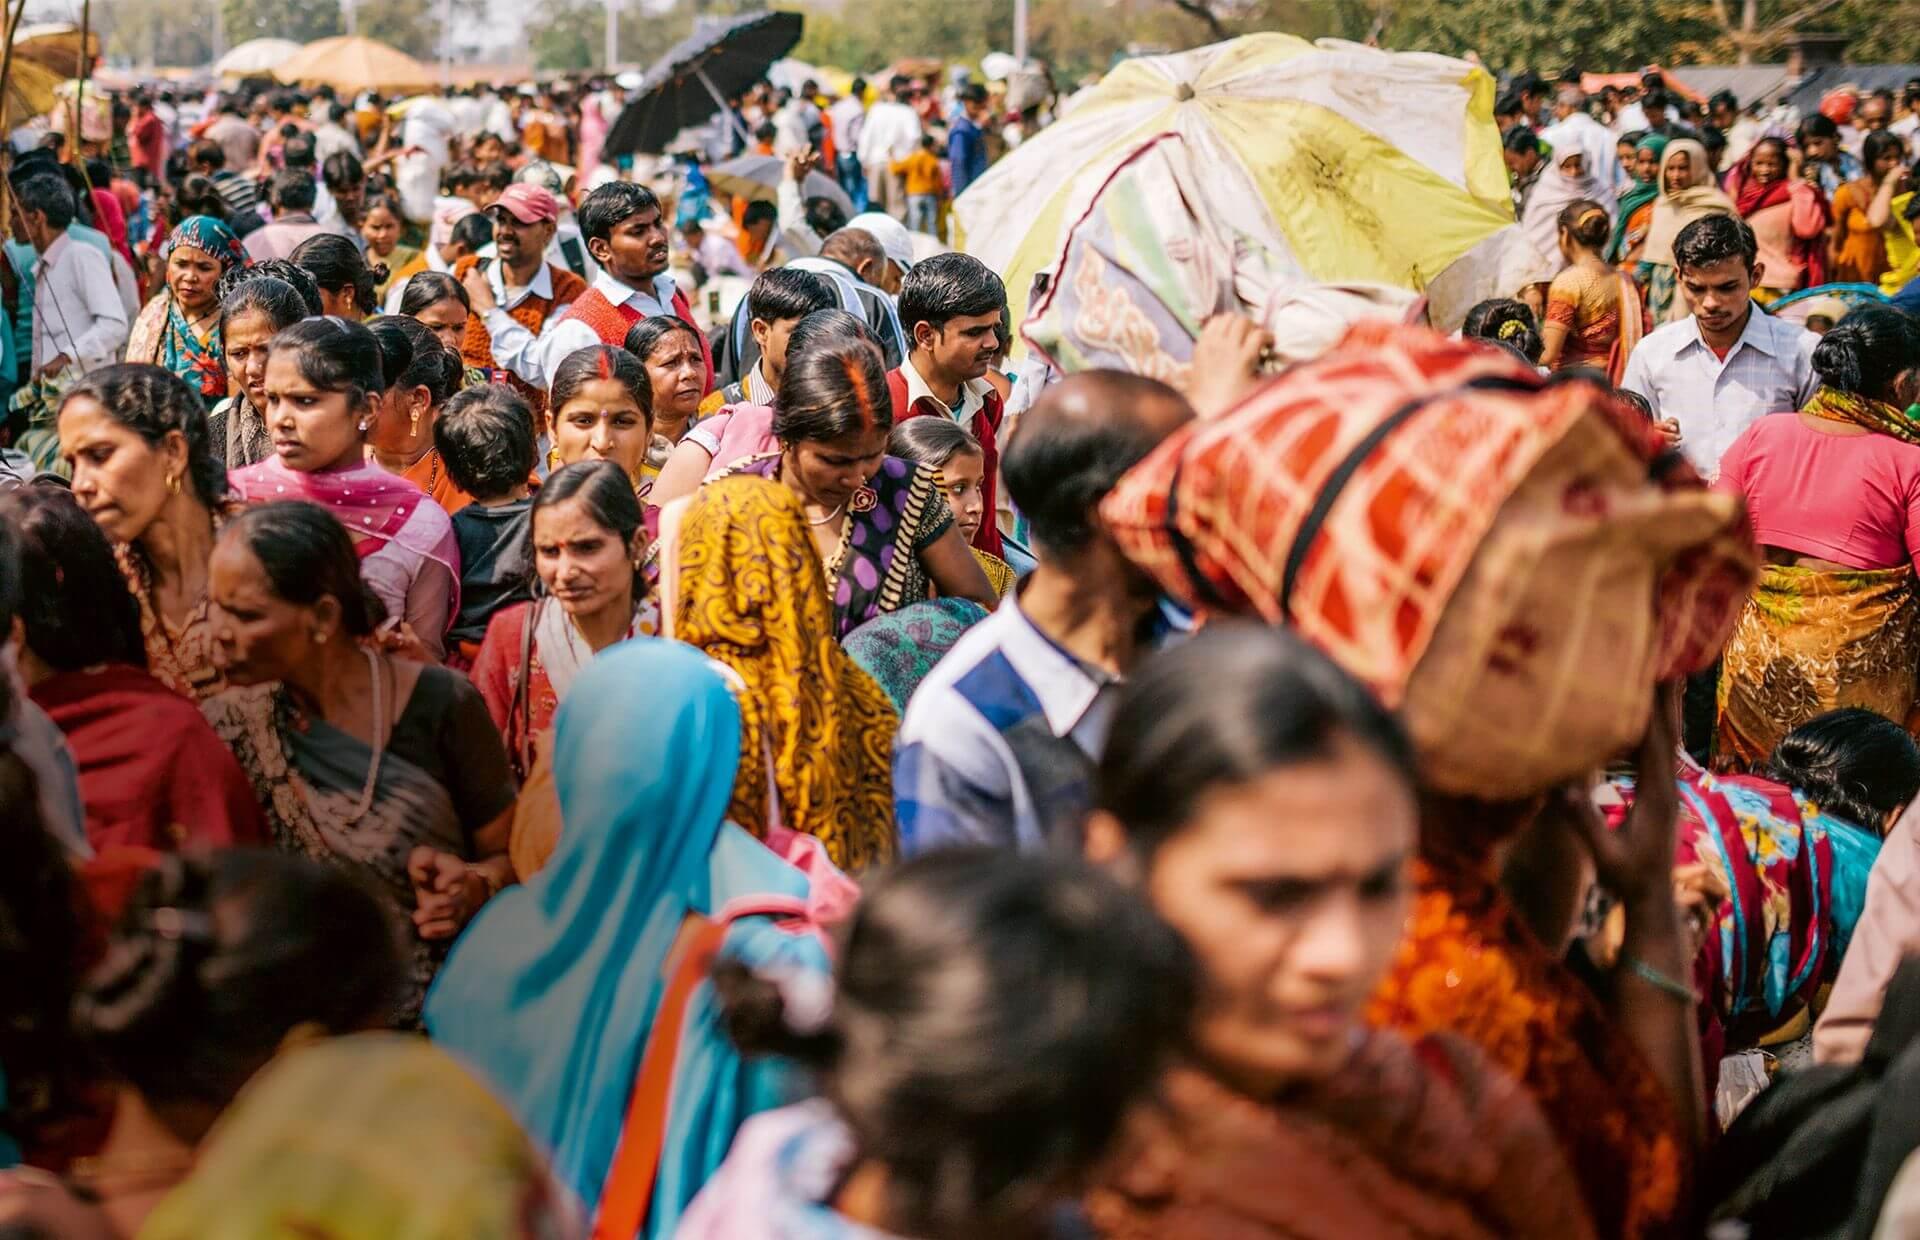 Menschenmenge in Indien